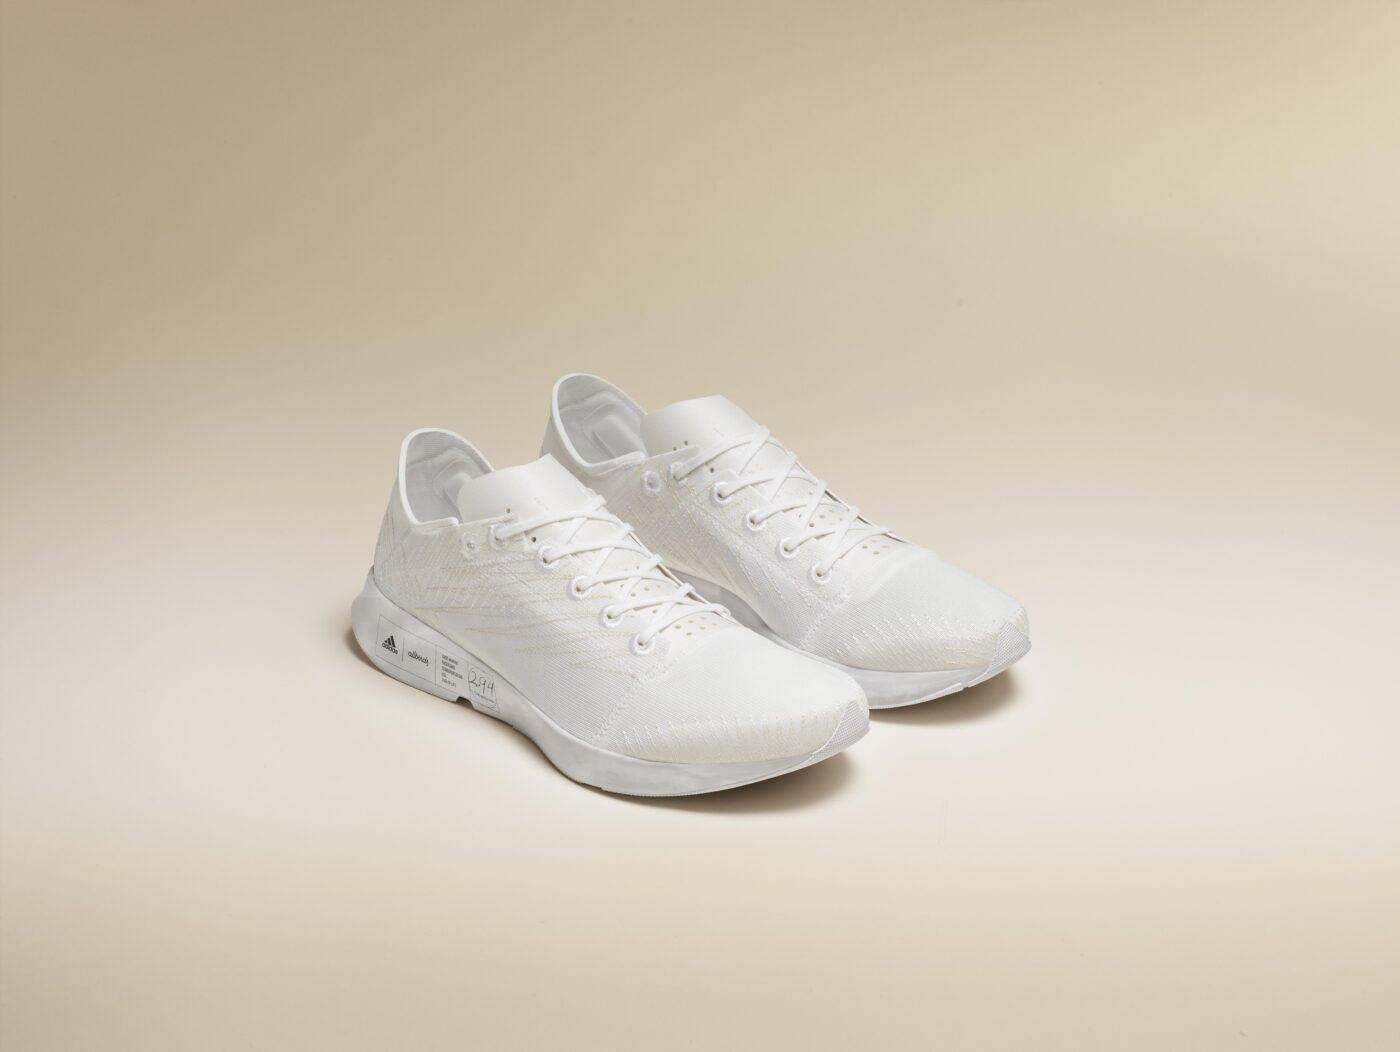 adidas allbirds futurecraft footprint running 6